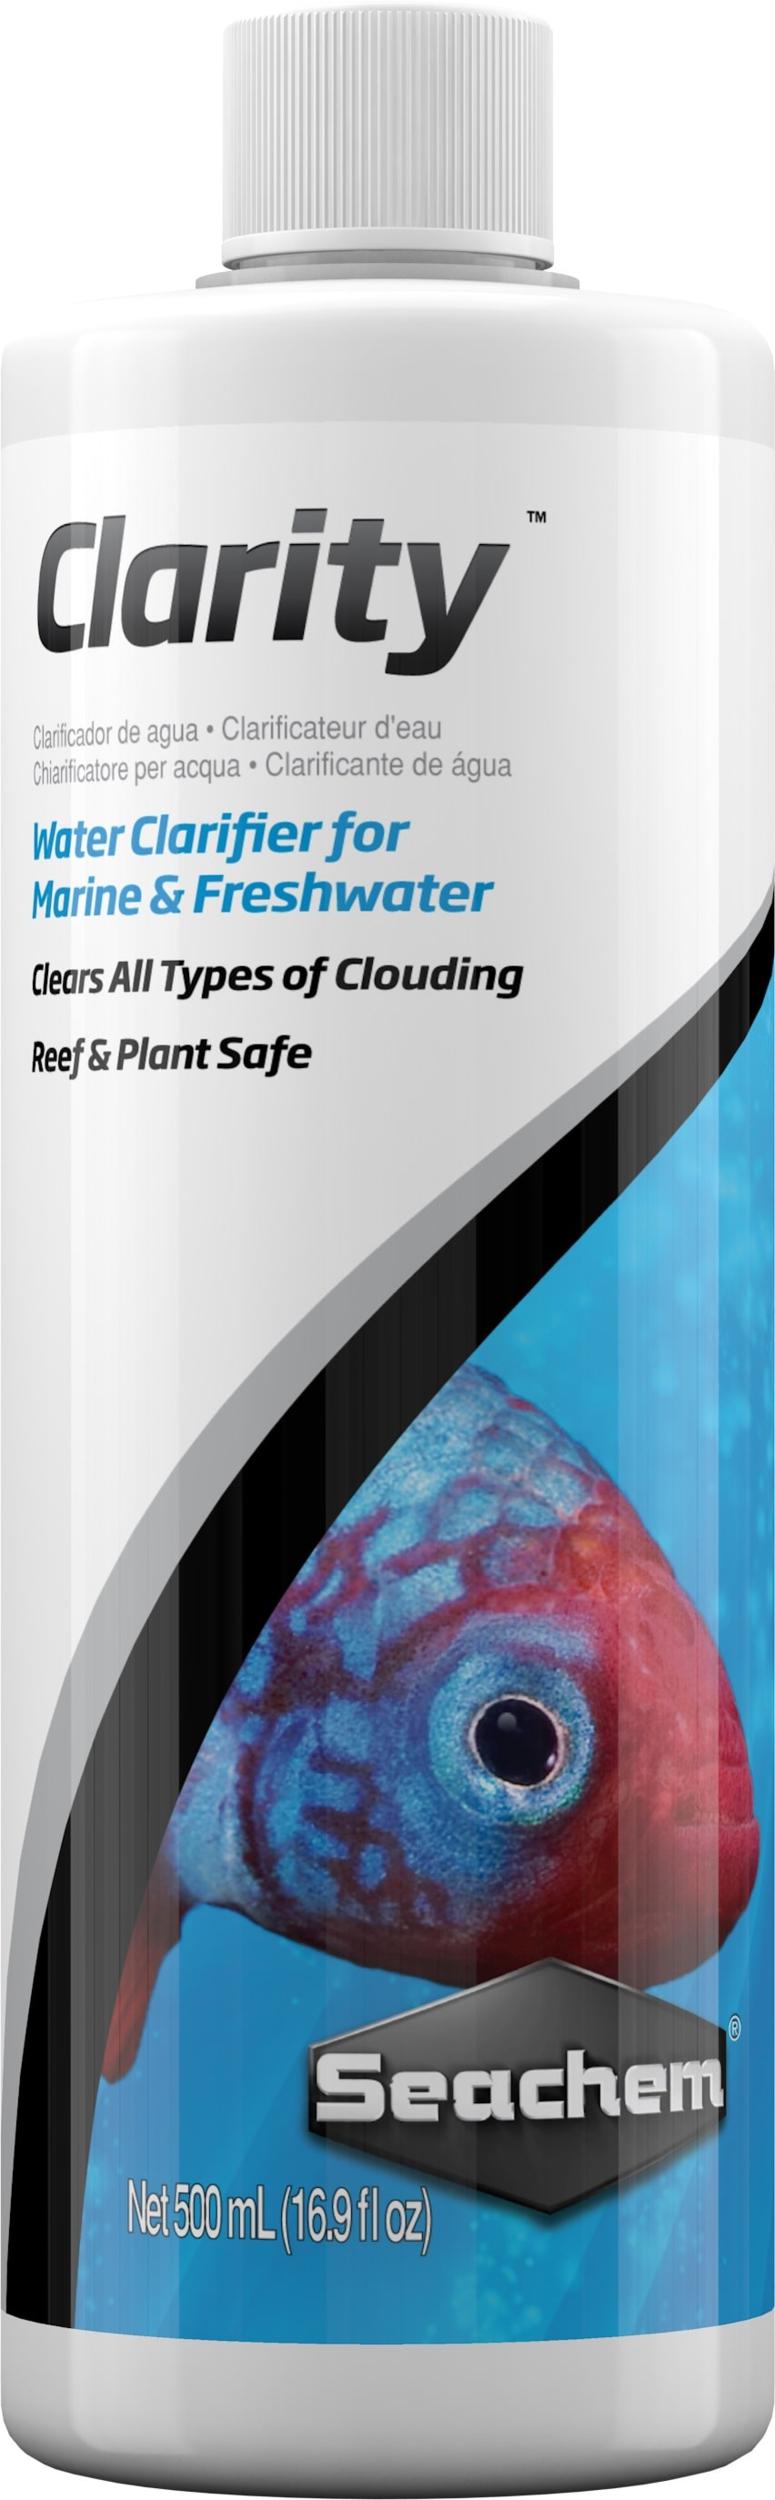 SEACHEM Clarity 500 ml clarificateur de qualité pour une eau cristaline